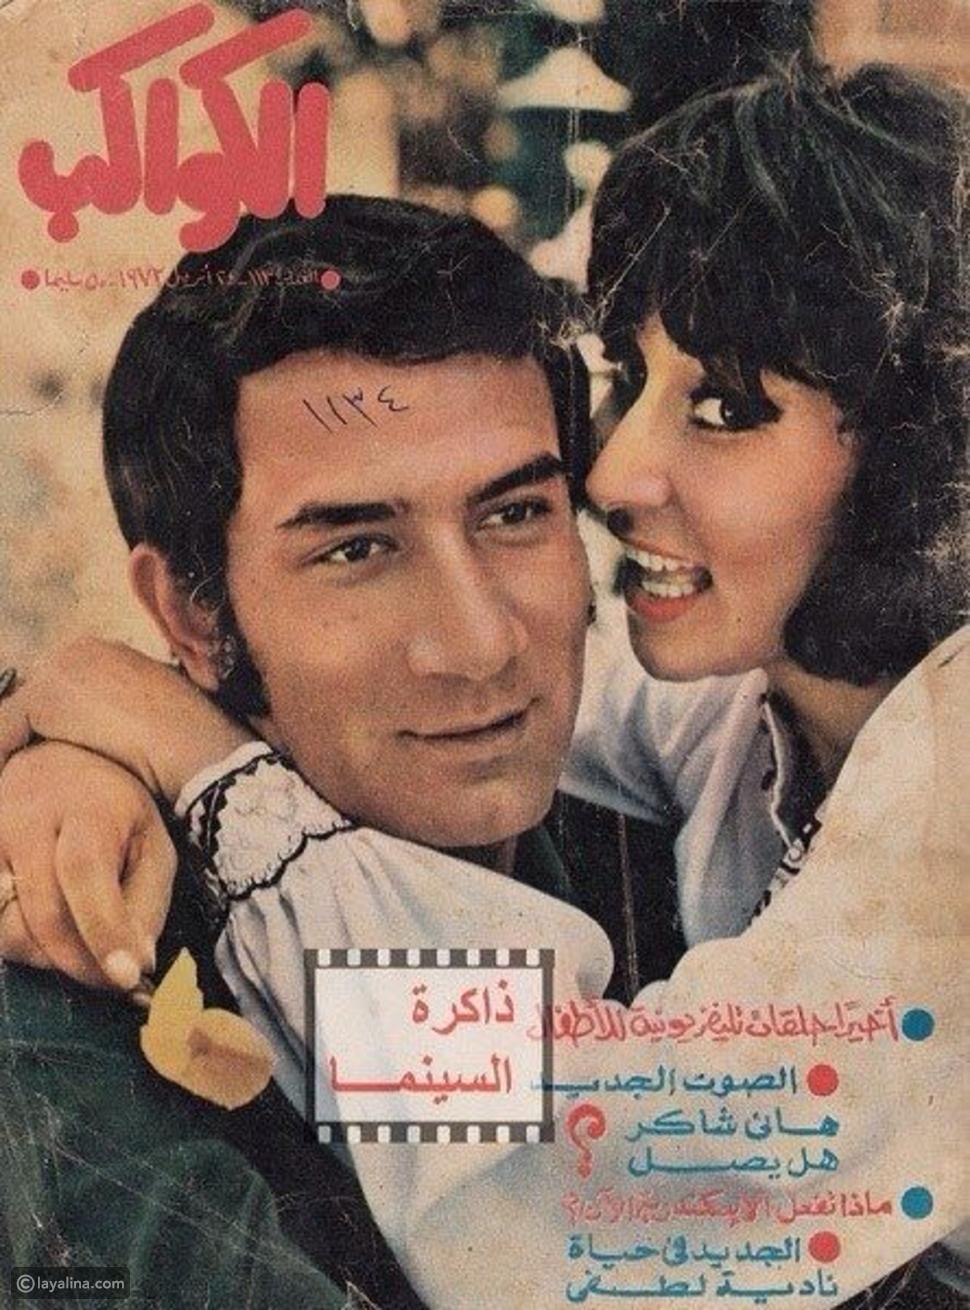 فيديو وصور: اكتشفوا الفنانة الشهيرة التي تزوجها أحمد خليل ويروي لماذا لم يستمر هذا الزواج؟